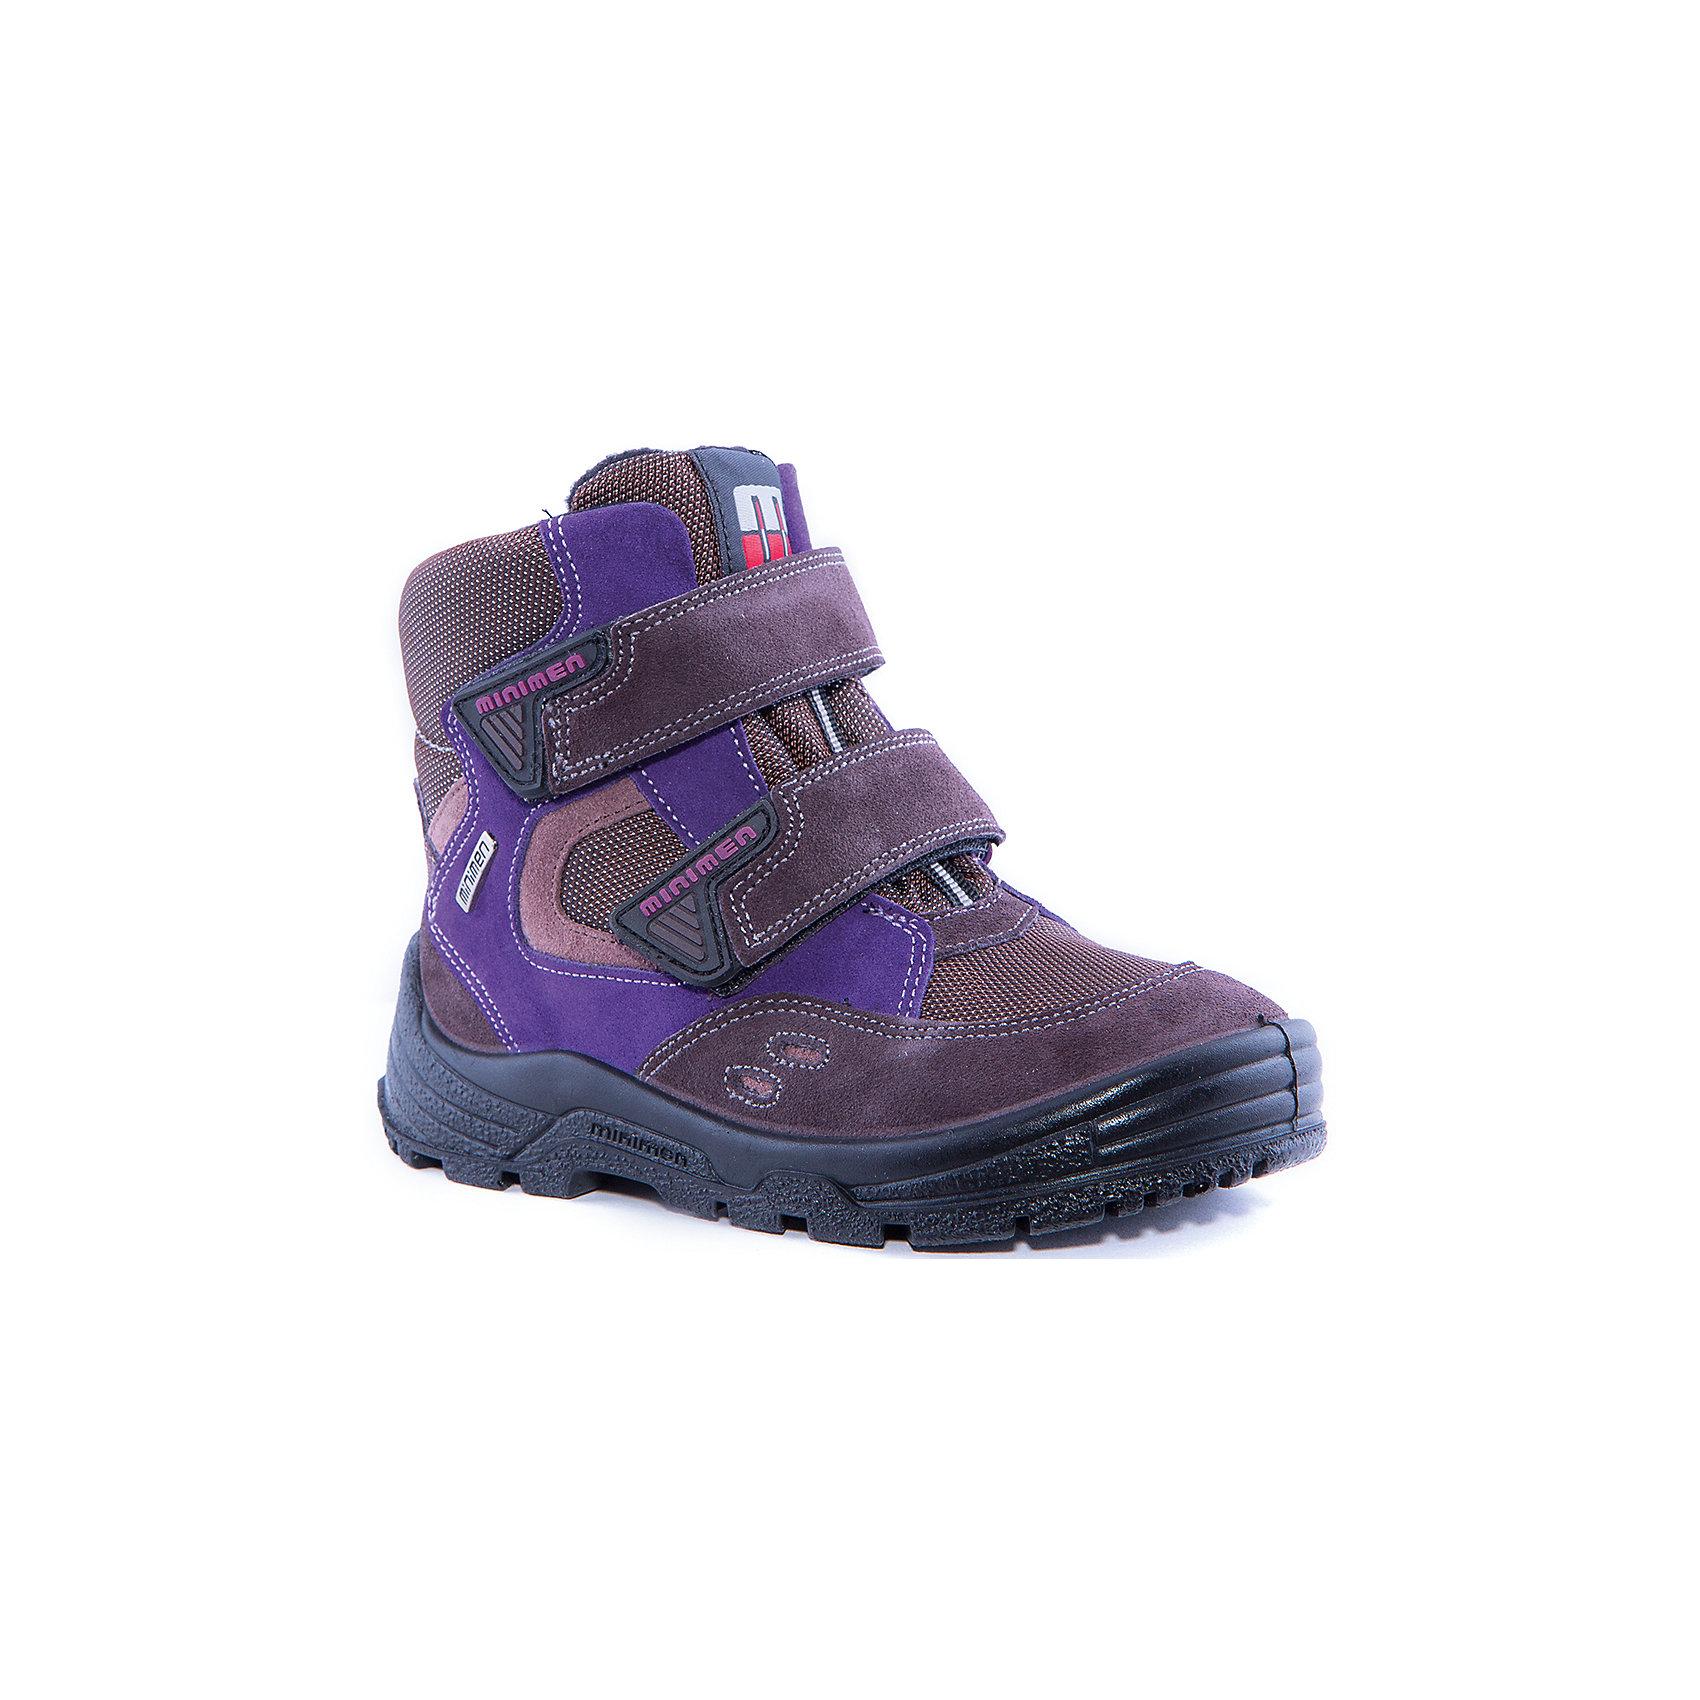 Сапоги  для девочки MinimenСапоги для девочки от известного бренда Minimen<br><br>Коричневые с фиолетовым сапоги Minimen созданы для ношения в межсезонье и начинающиеся холода. Их форма тщательно проработана, поэтому детским ножкам в такой обуви тепло и комфортно. Качественные материалы позволяют сделать изделия износостойкими и удобными.<br><br>При создании этой модели использована мембрана SympaTex. Она добавляется в подкладку обуви и позволяют ногам оставаться сухими и теплыми. Мембрана активно отводит влагу наружу, и не дает жидкости проникать внутрь, а также  не создает препятствий для воздуха, обеспечивая комфортные условия для детских ножек.<br><br>Отличительные особенности модели:<br><br>- цвет: коричневый;<br>- мембрана SympaTex;<br>- гибкая нескользящая подошва;<br>- усиленный носок и задник;<br>- эргономичная форма;<br>- удобная колодка;<br>- шерстяная подкладка;<br>- натуральная кожа;<br>- застежки-липучки.<br><br>Дополнительная информация:<br><br>- Температурный режим: от - 20° С  до +5° С.<br><br>- Состав:<br><br>материал верха: 100% натуральная кожа<br>материал подкладки: 100% шерсть<br>подошва: ТЭП<br><br>Сапоги для девочки Minimen (Минимен) можно купить в нашем магазине.<br><br>Ширина мм: 257<br>Глубина мм: 180<br>Высота мм: 130<br>Вес г: 420<br>Цвет: коричневый<br>Возраст от месяцев: 15<br>Возраст до месяцев: 18<br>Пол: Женский<br>Возраст: Детский<br>Размер: 22,21,23,24,25,26,27,28,29<br>SKU: 4295624